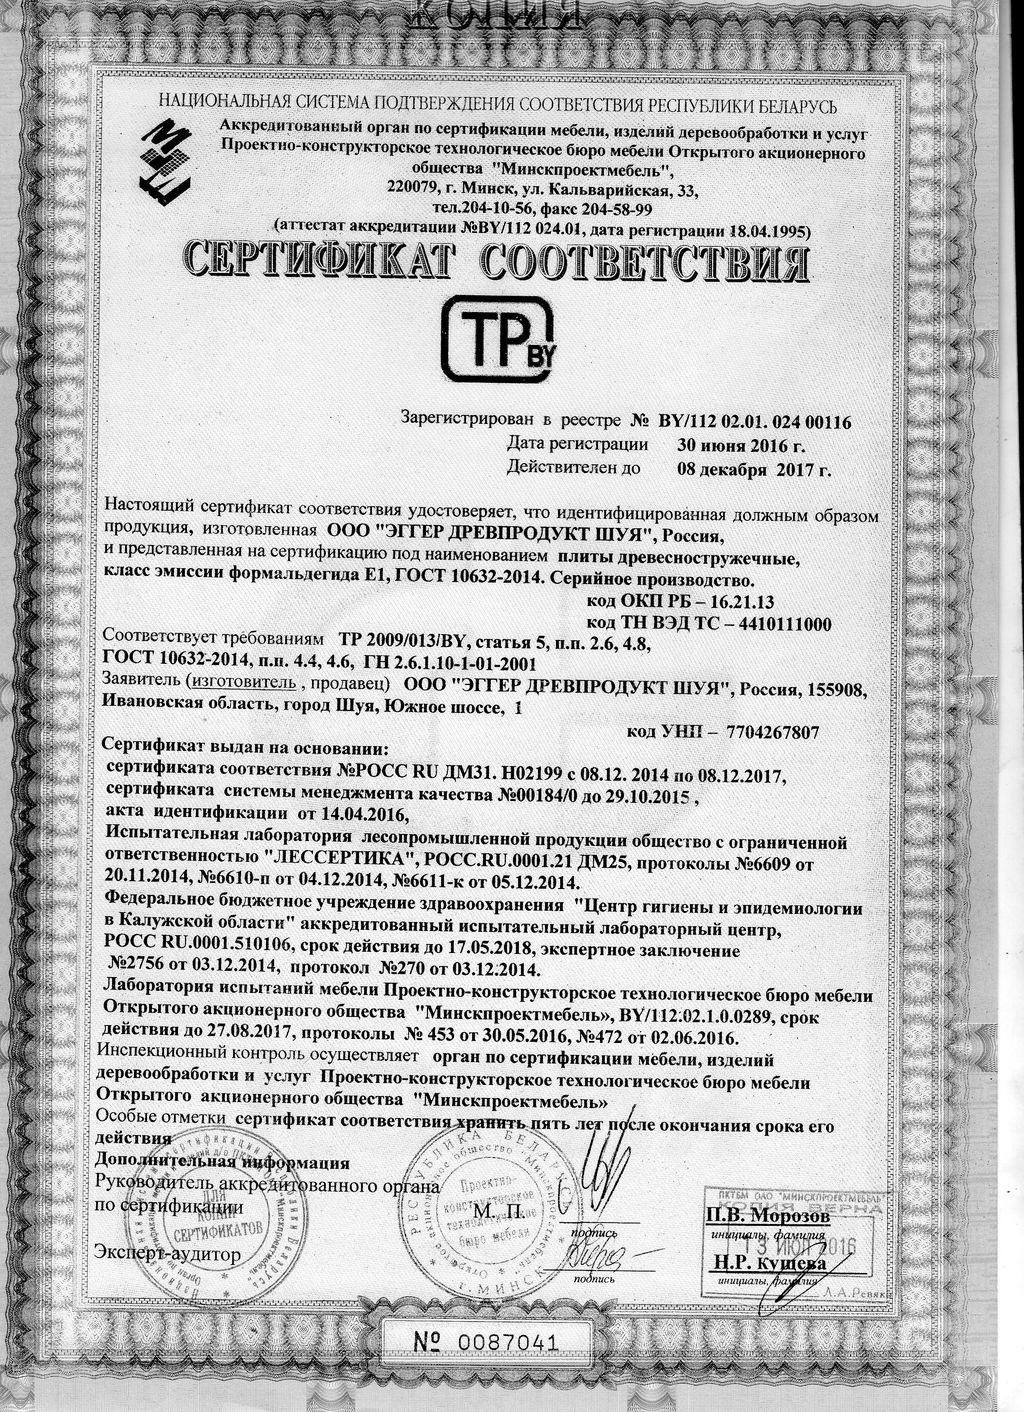 сертификат соответствия ЛДСП ШУЯ